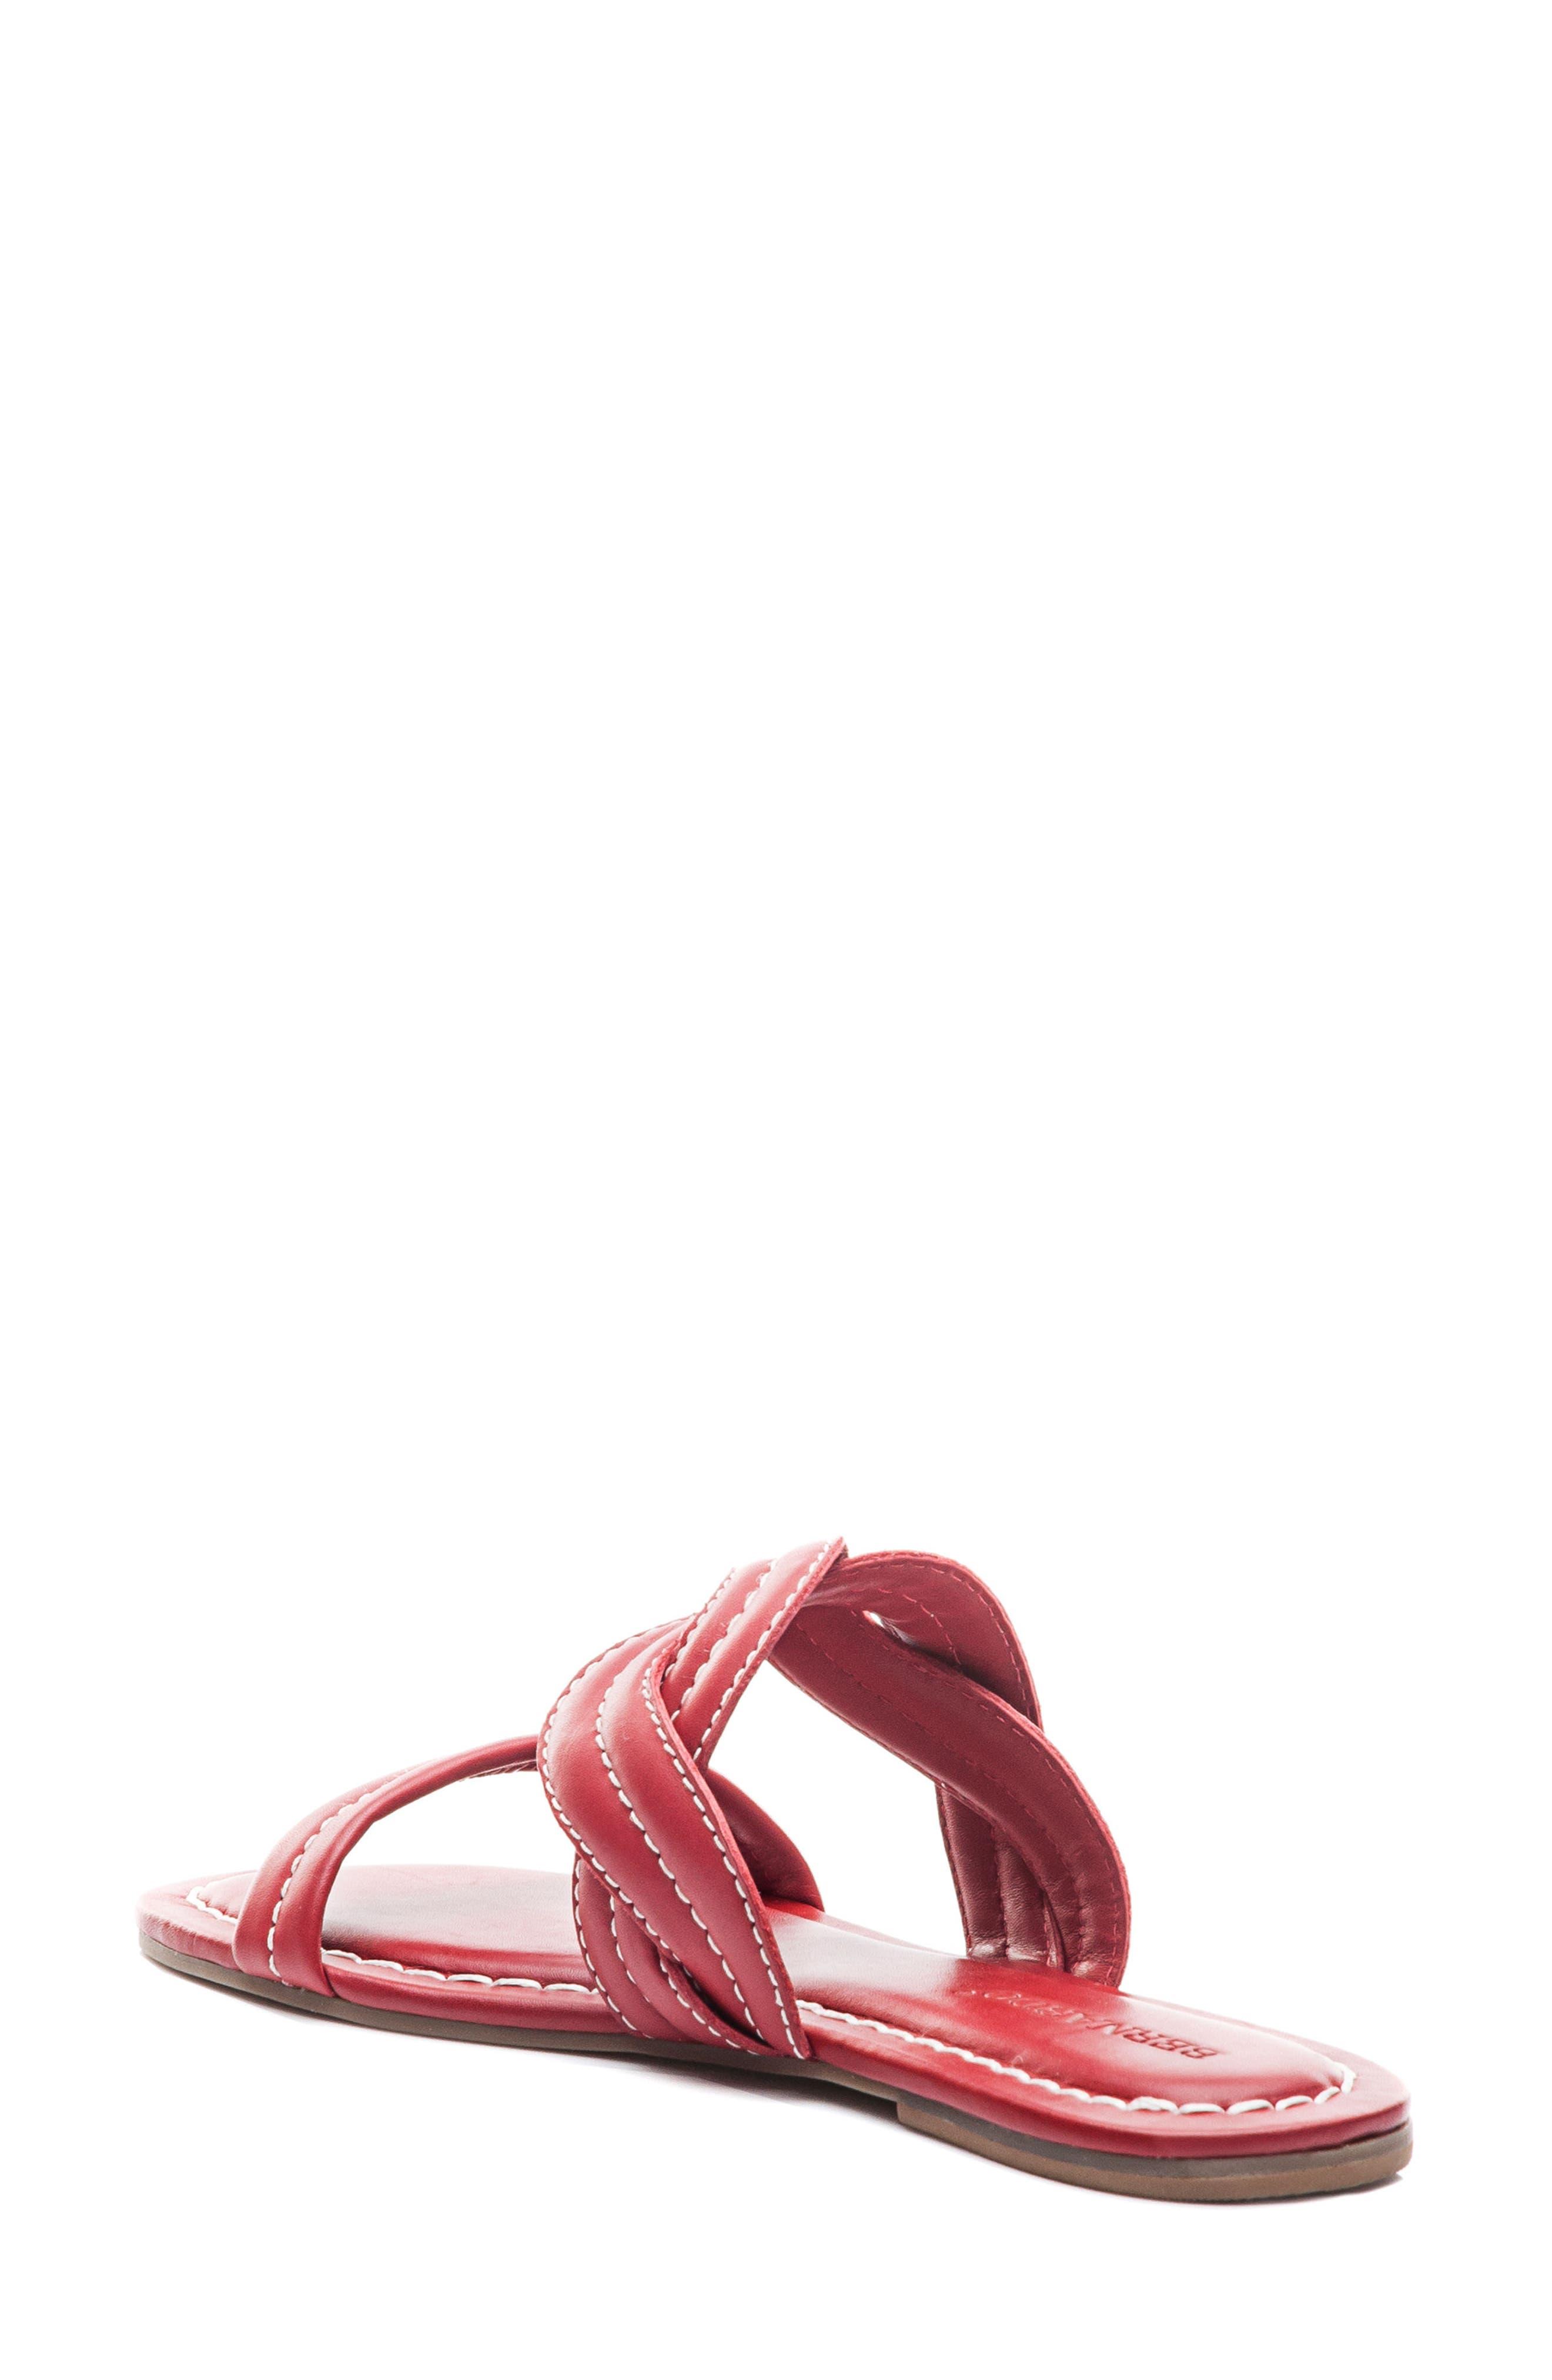 Bernardo Mirian Slide Sandal,                             Alternate thumbnail 2, color,                             Red Leather